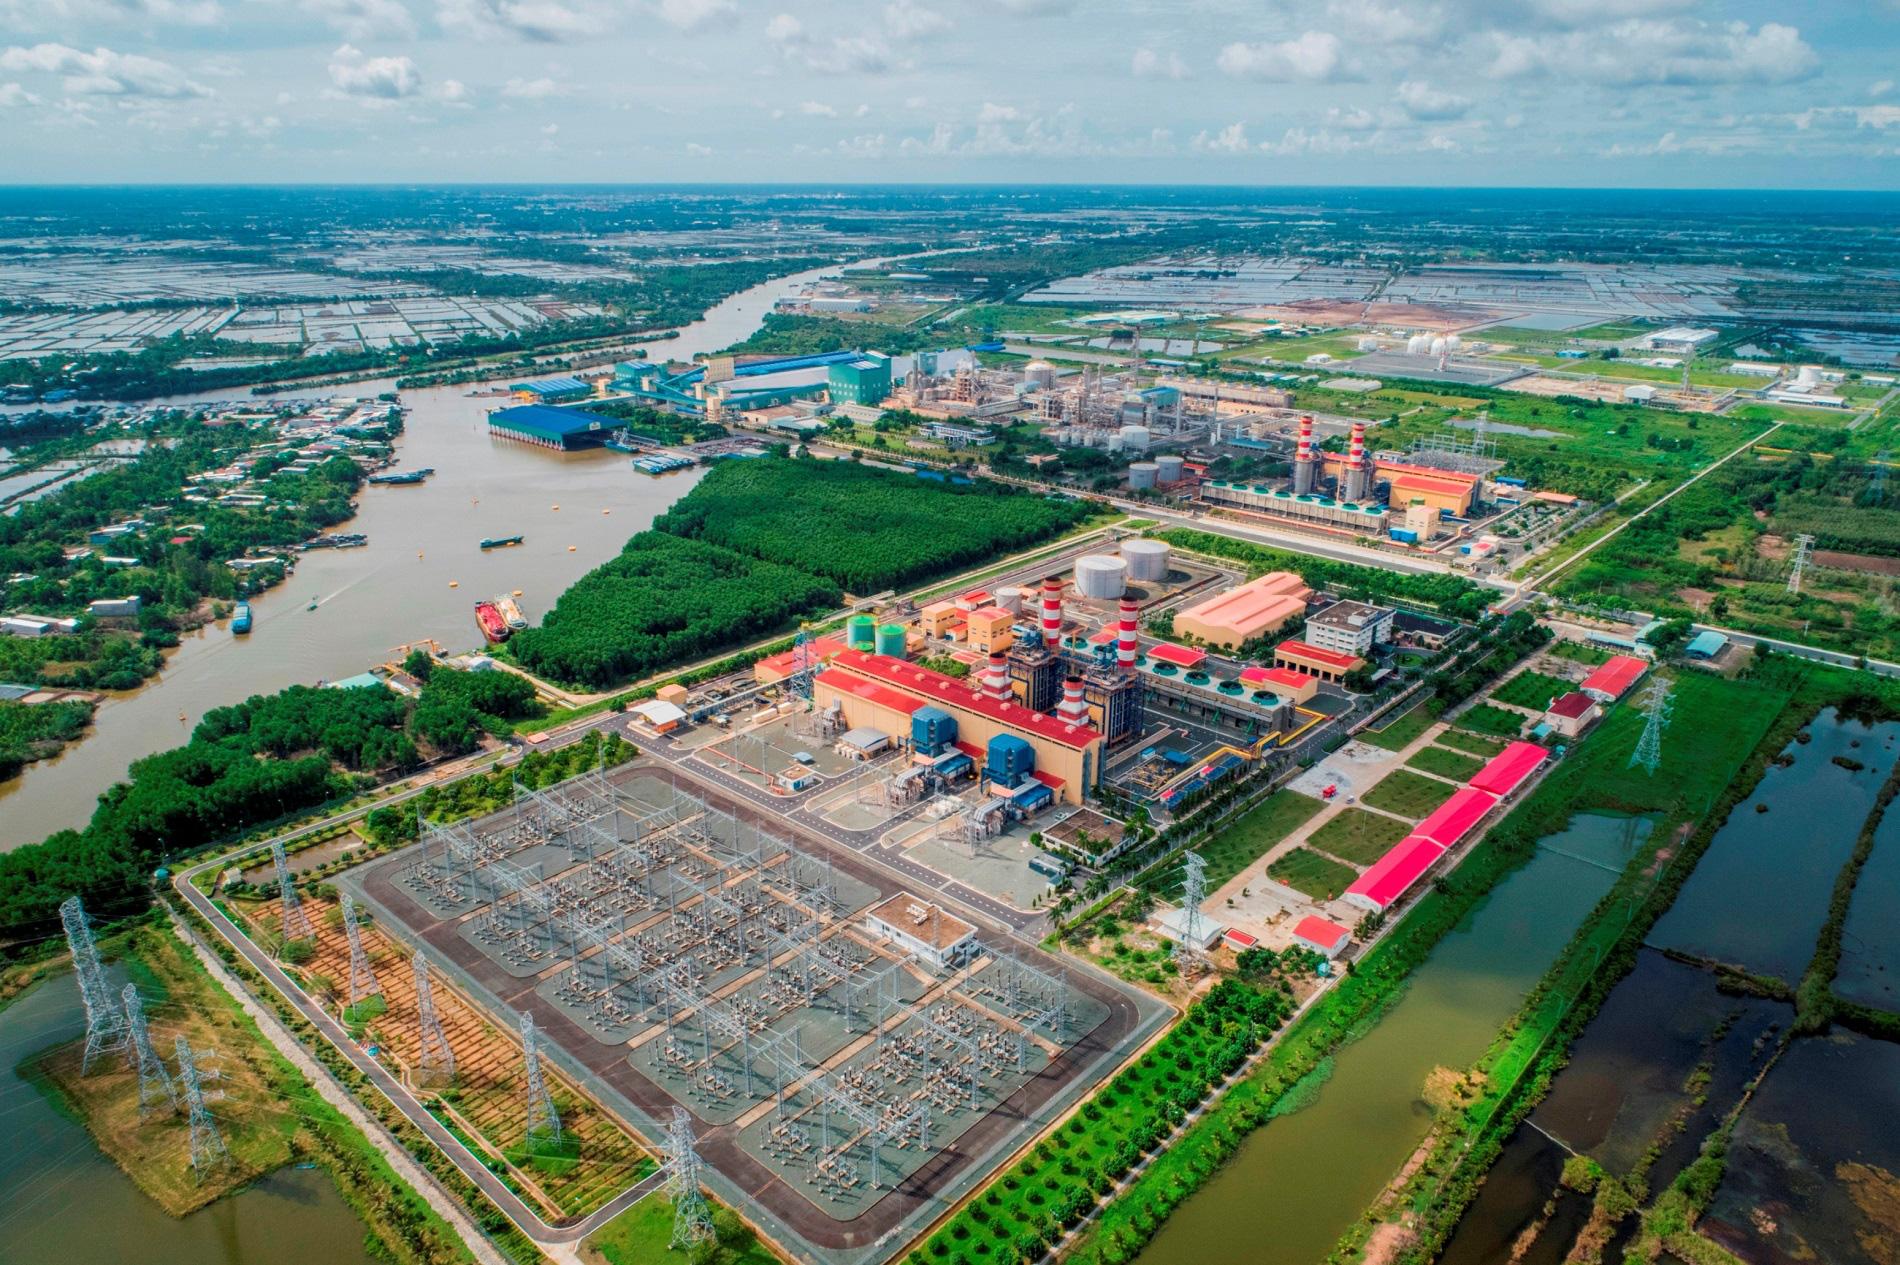 Kỷ niệm 45 năm Ngày thành lập Tập đoàn Dầu khí Quốc gia Việt Nam: Petrovietnam 45 năm sứ mệnh tìm dầu - Ảnh 2.